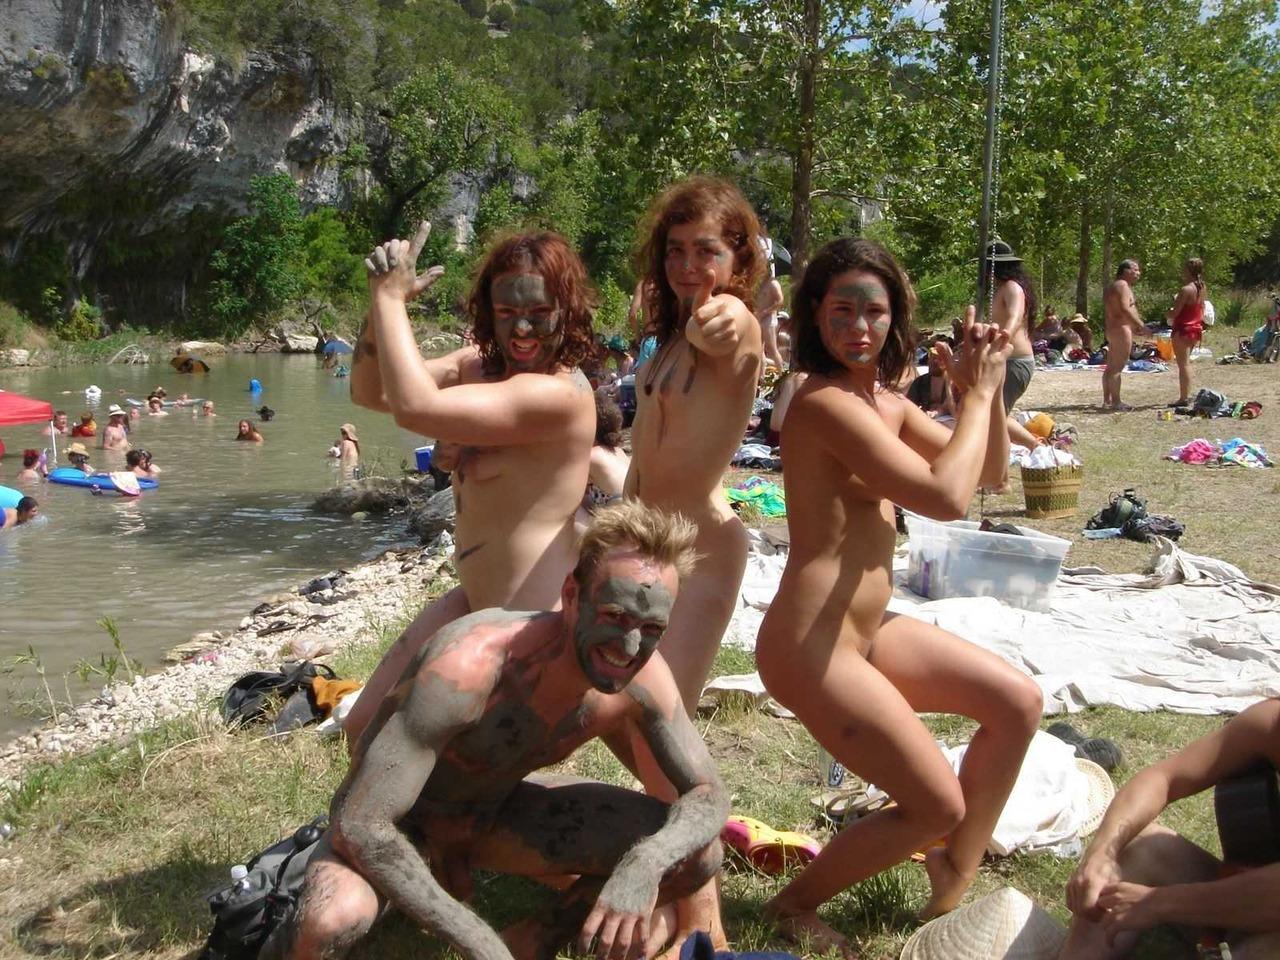 Нудисты фото нa пляжe  голые девушки нудистки фото